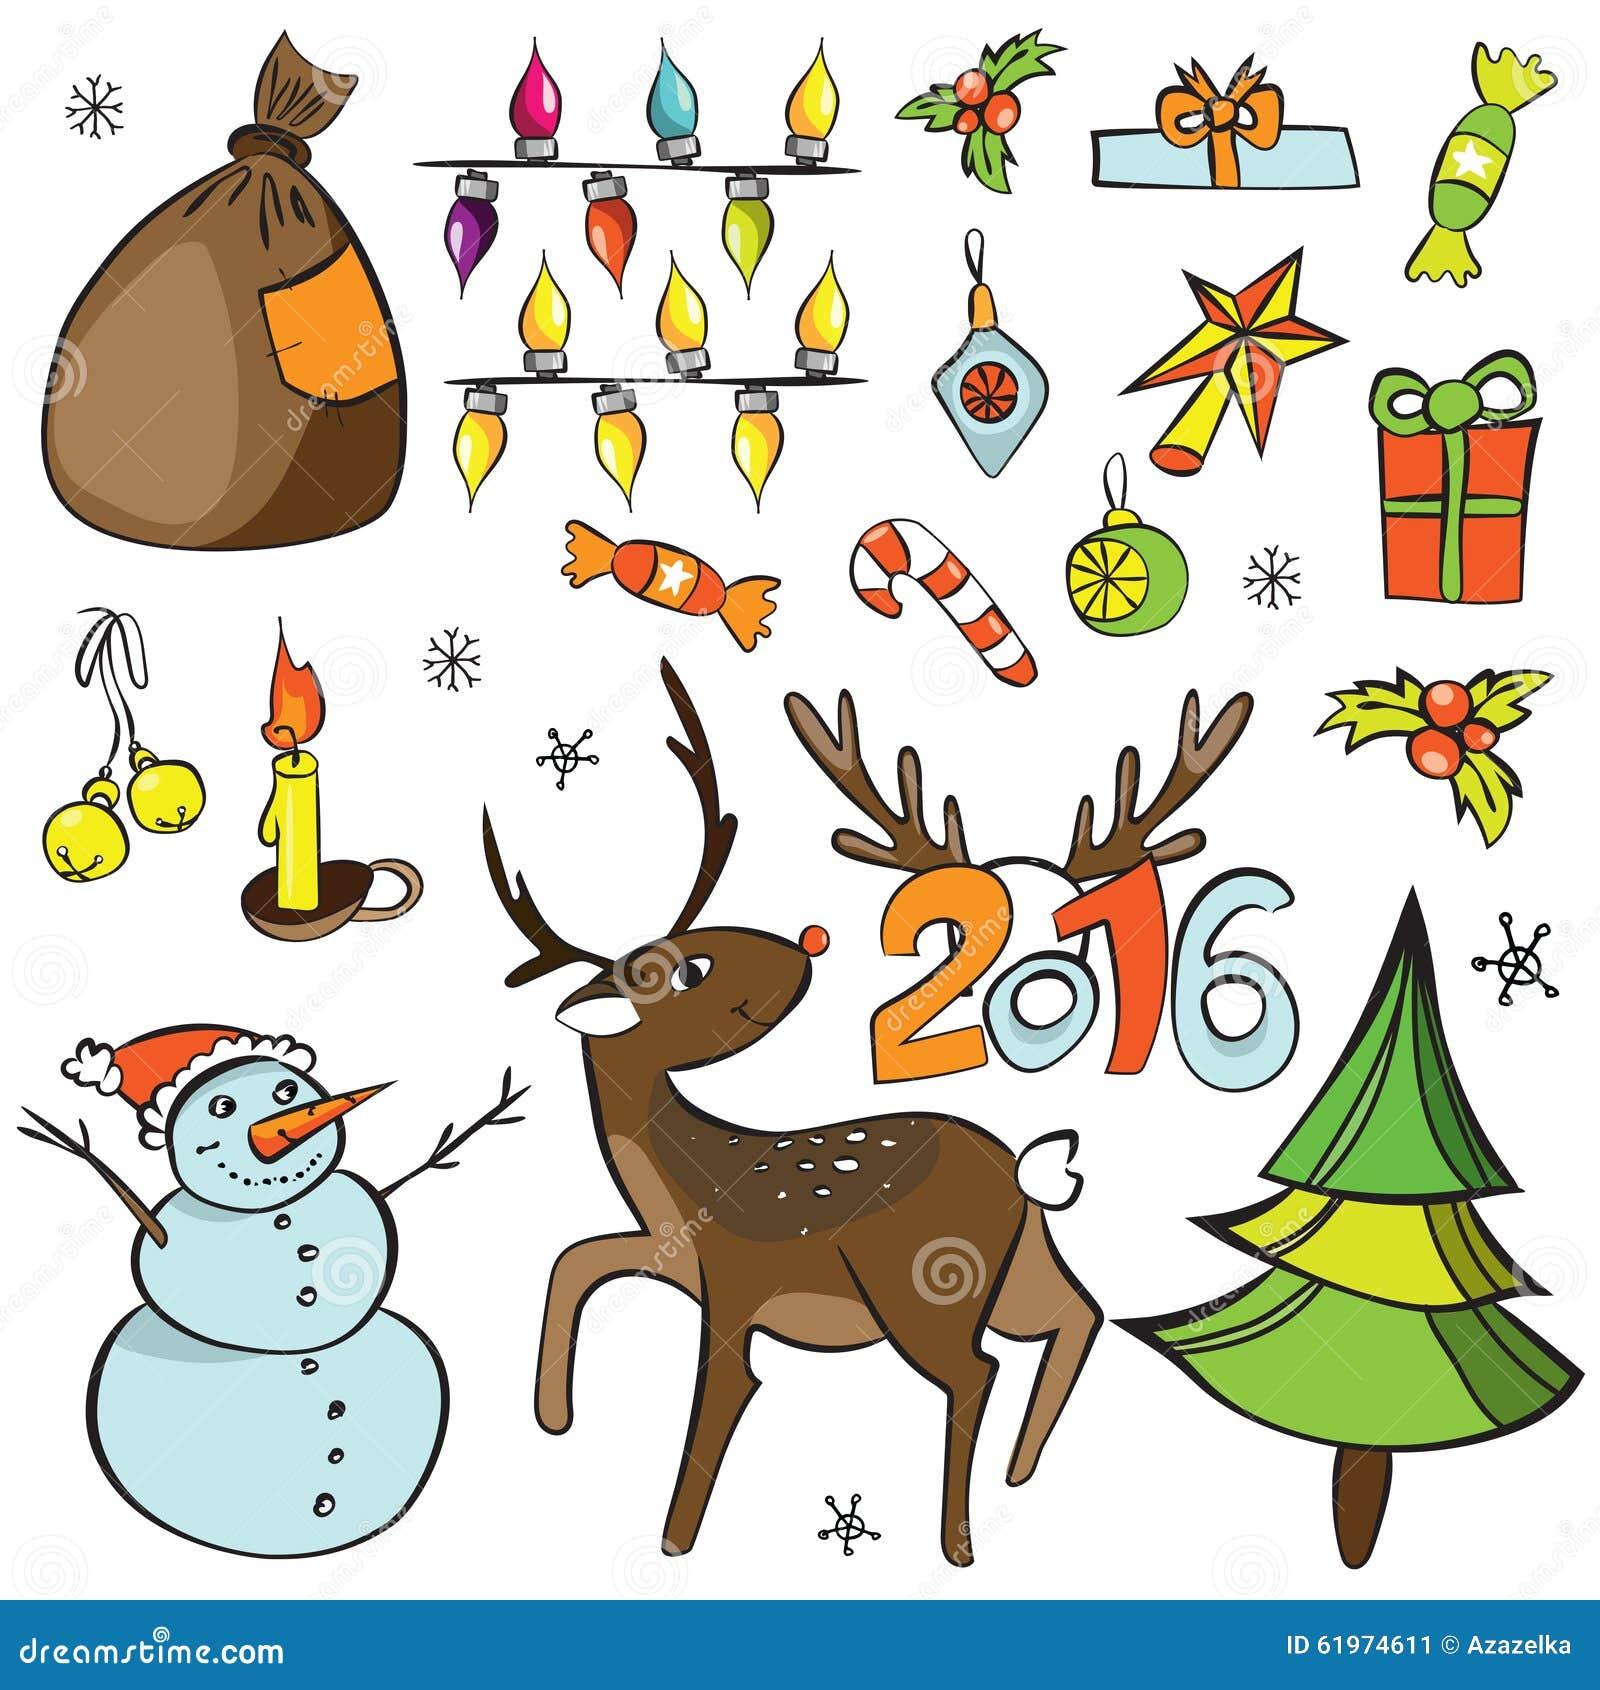 Decorazioni Di Natale Disegni.Disegno Decorazioni Natalizie Santantonioposta